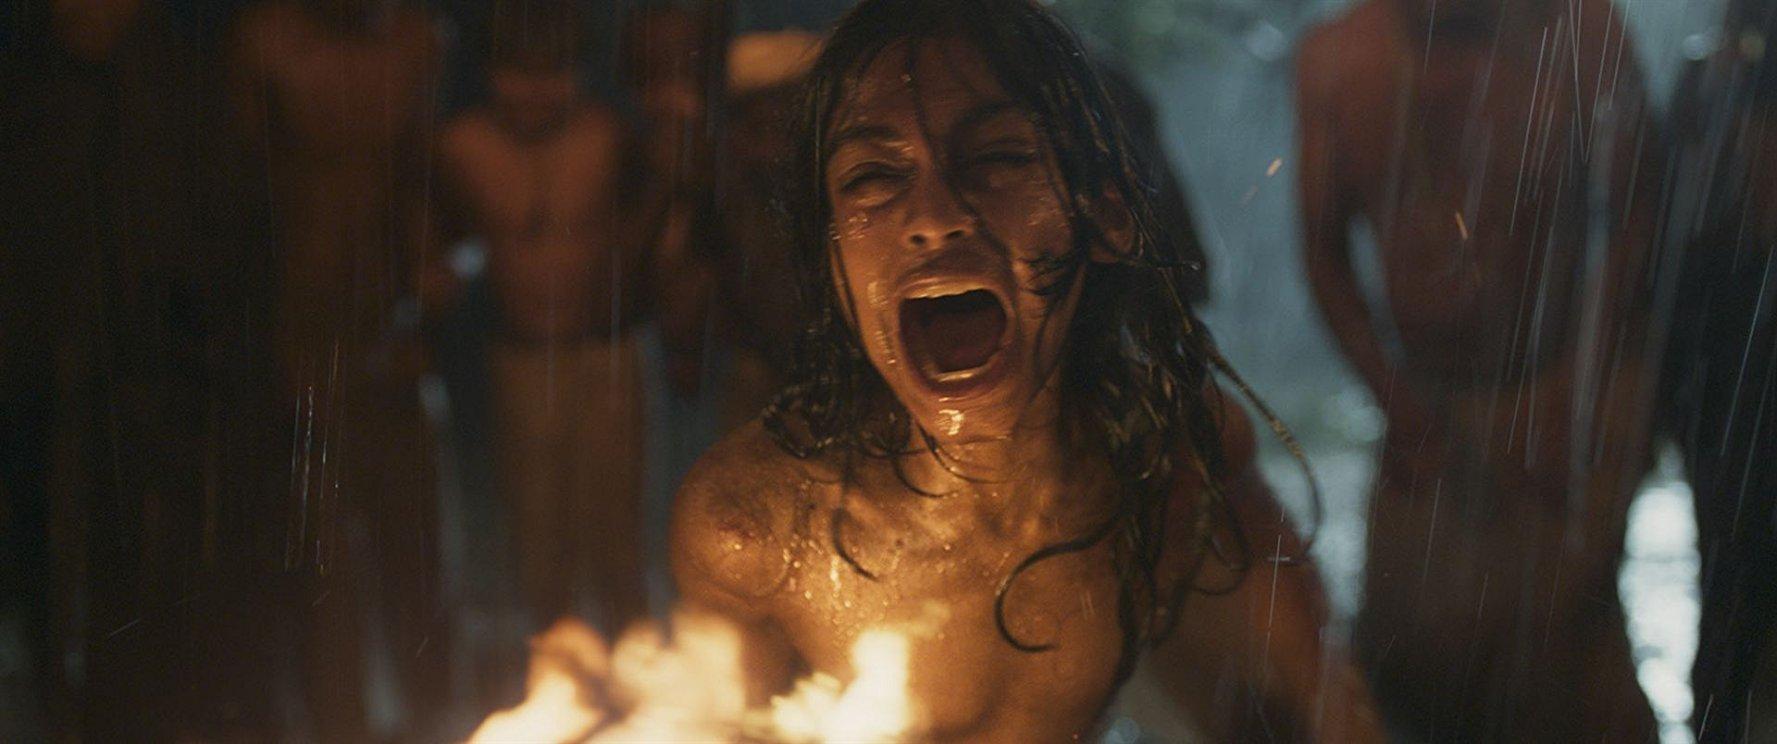 بررسی فیلم Mowgli